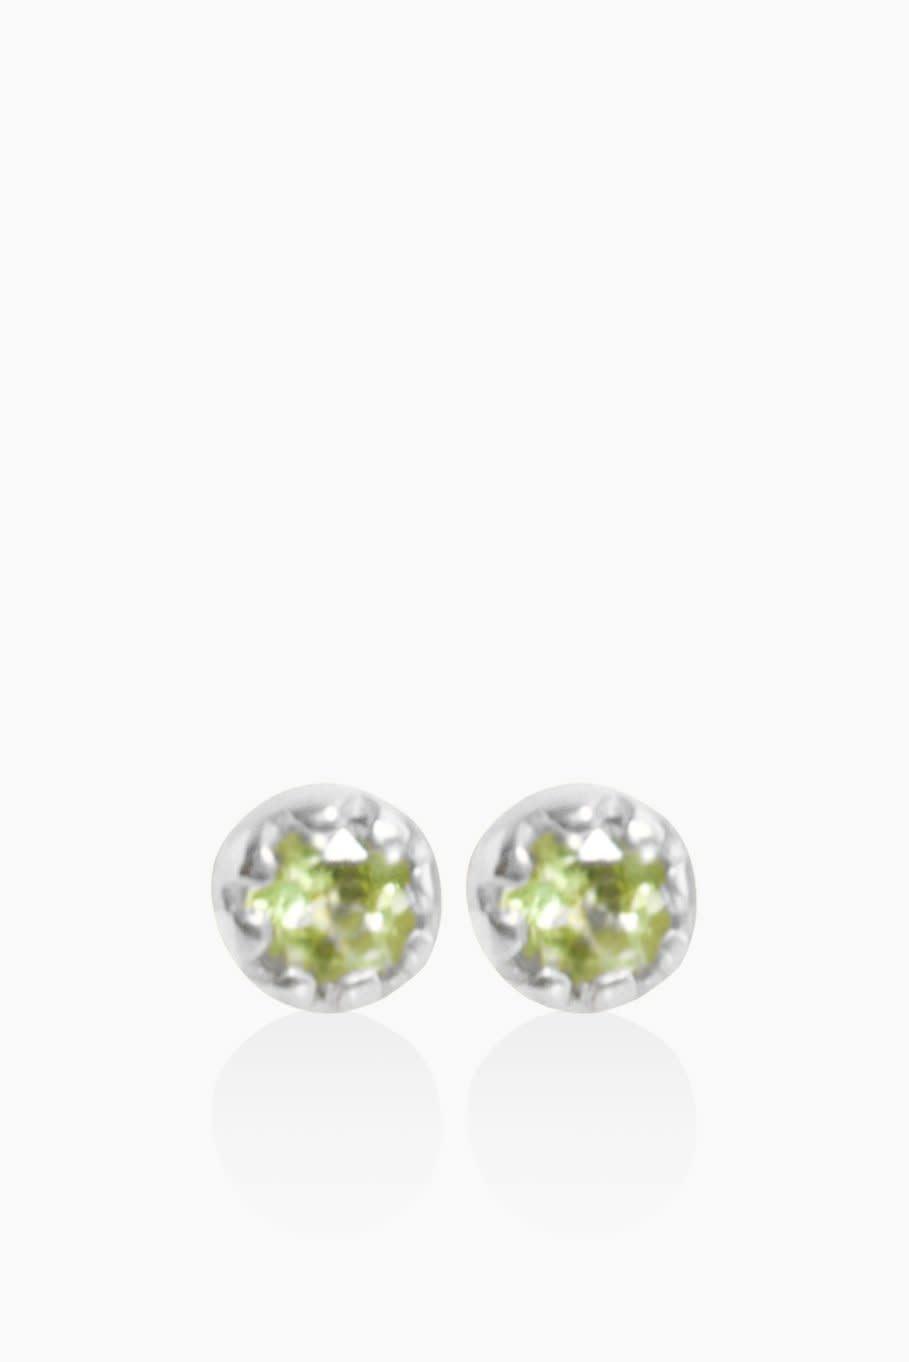 Détail Earrings Heike green turmaline silver (8933)